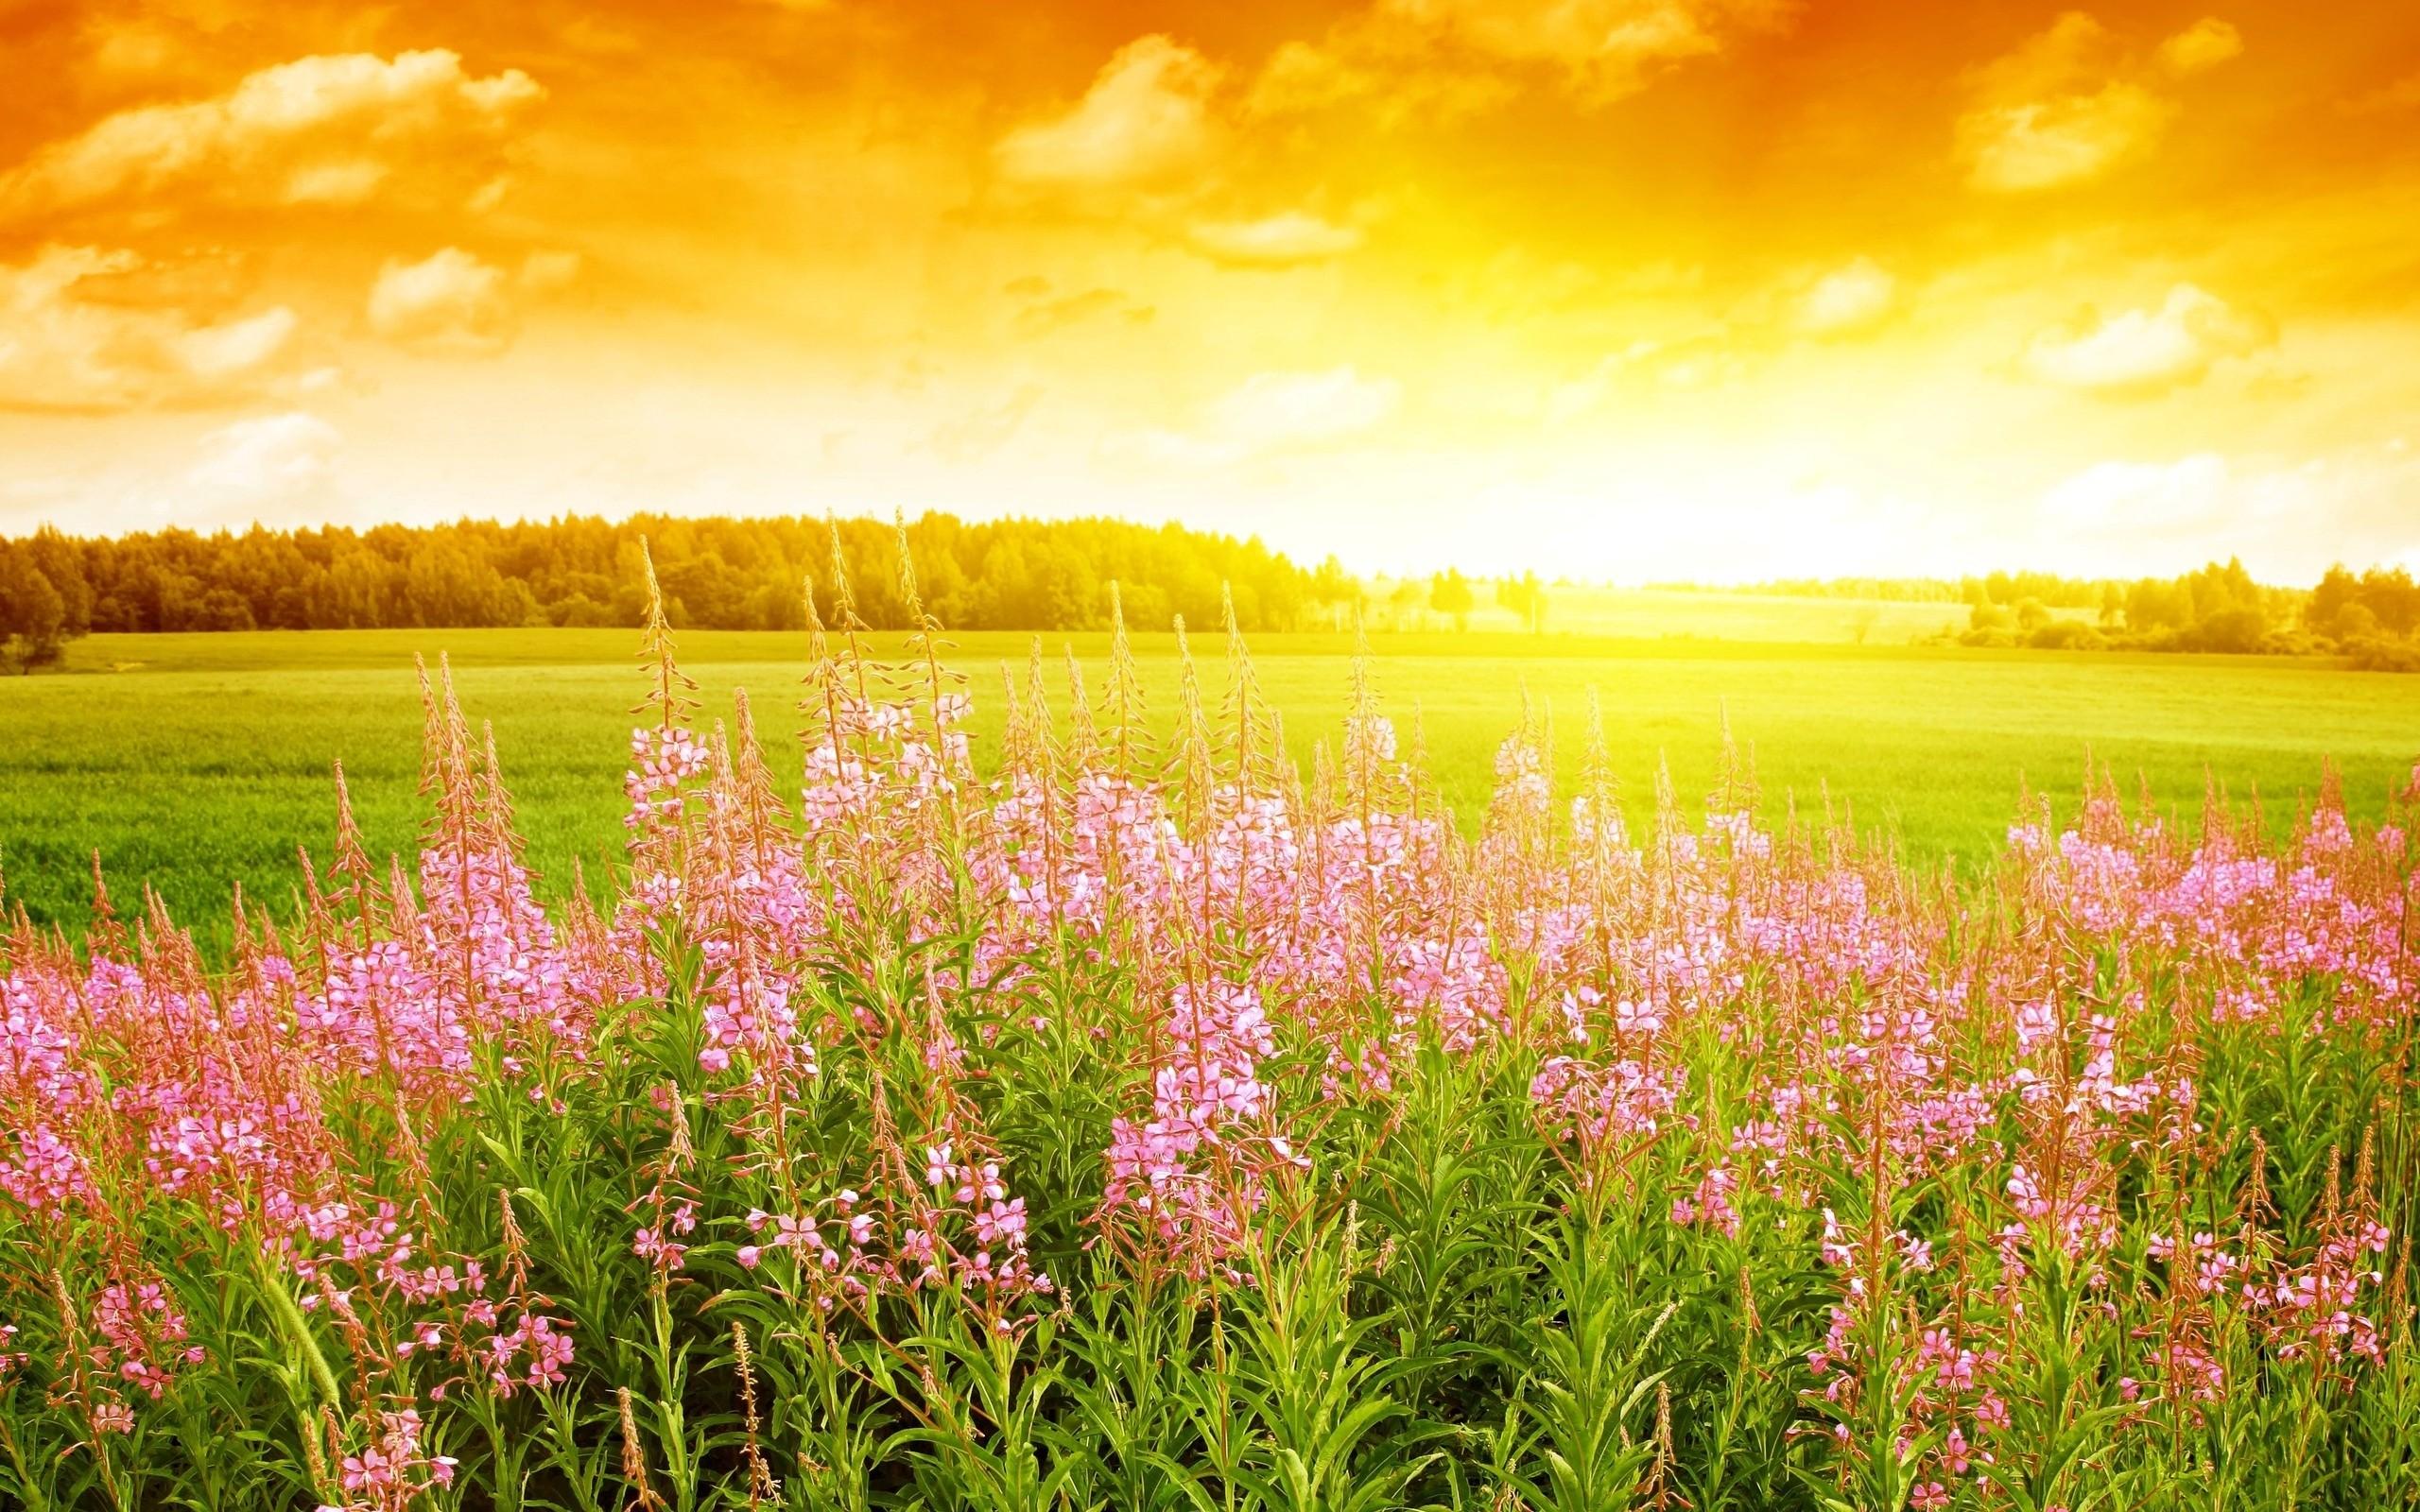 Field: Summer Sunset Flowers Field Free Download Wallpaper HD 16:9 ...